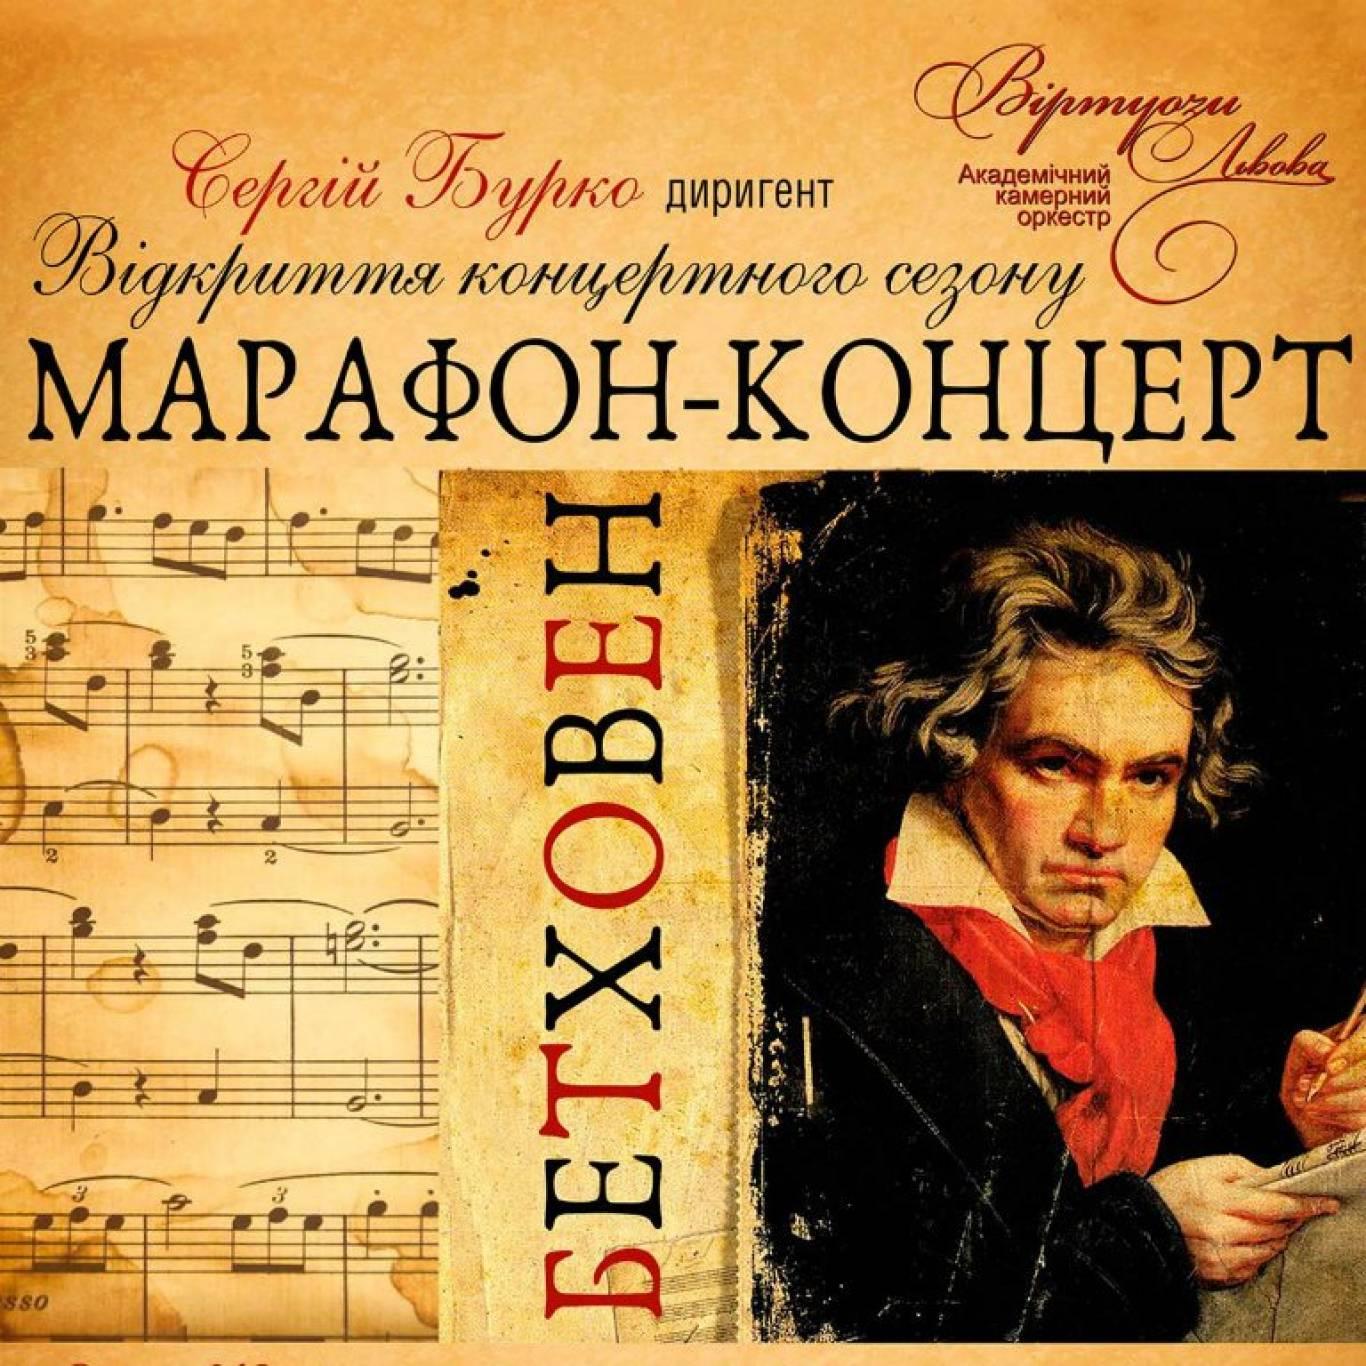 Бетховен марафон-концерт